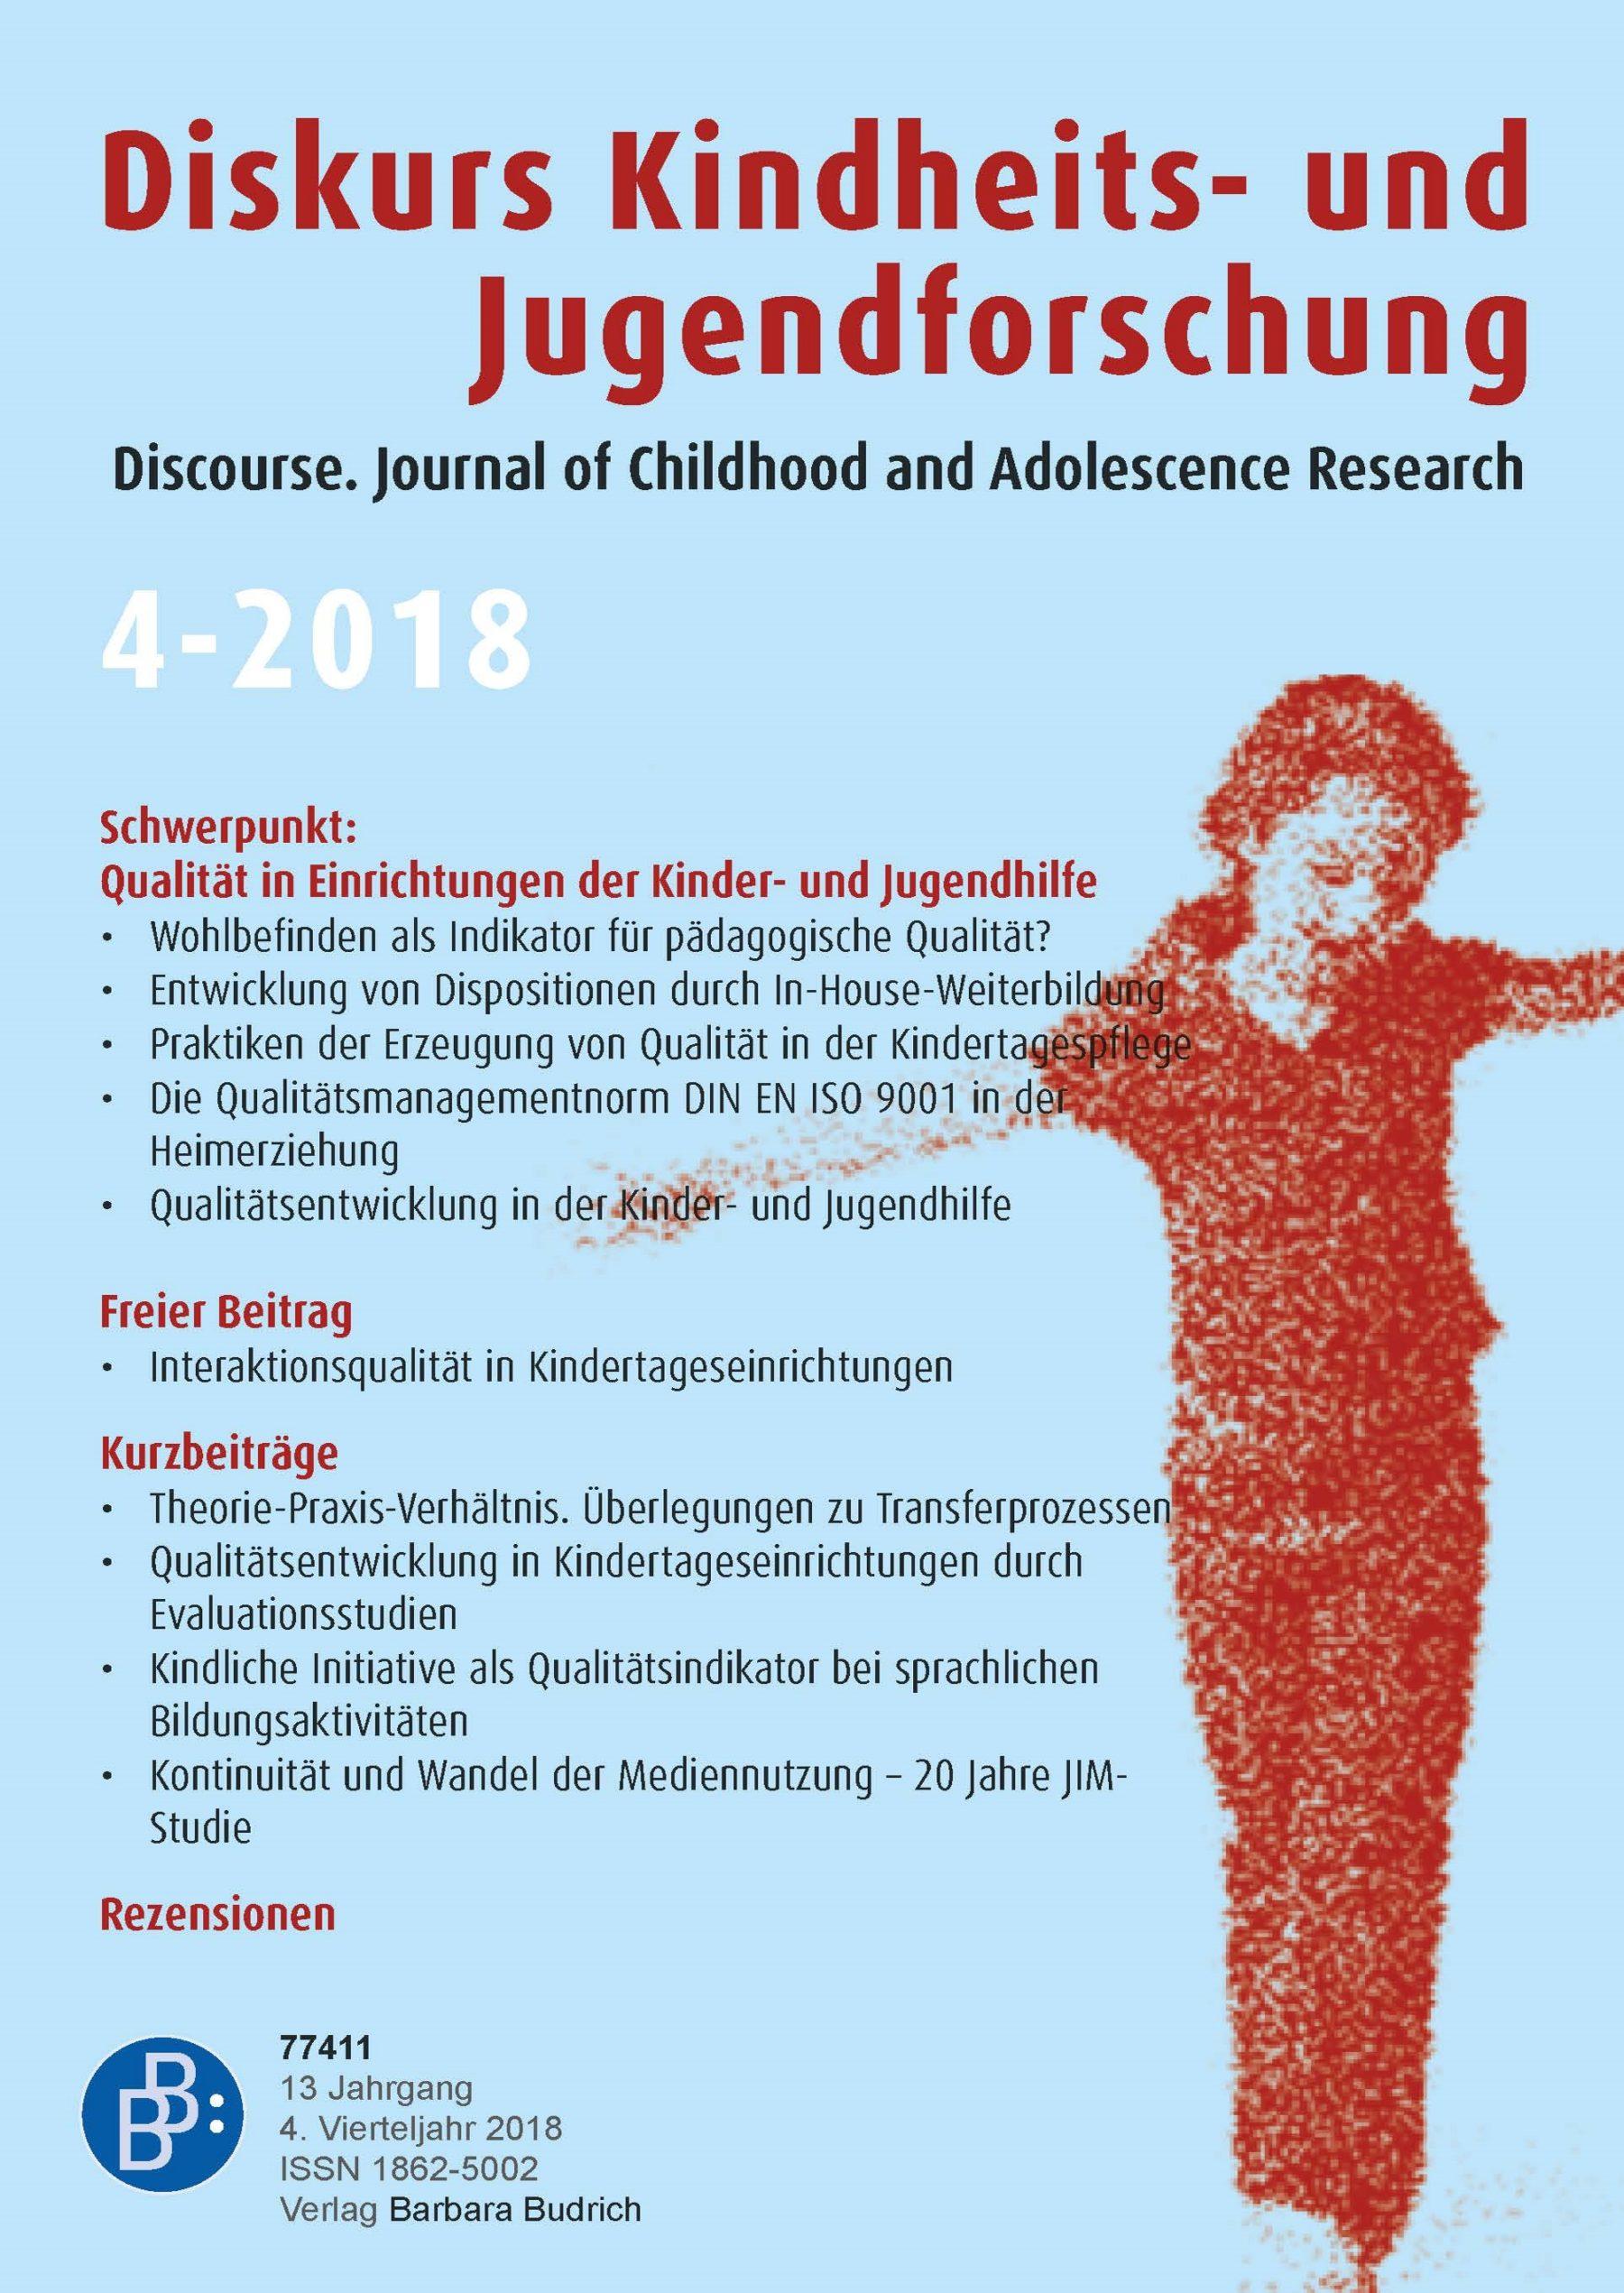 Diskurs 4-2018 | Qualität in Einrichtungen der Kinder- und Jugendhilfe